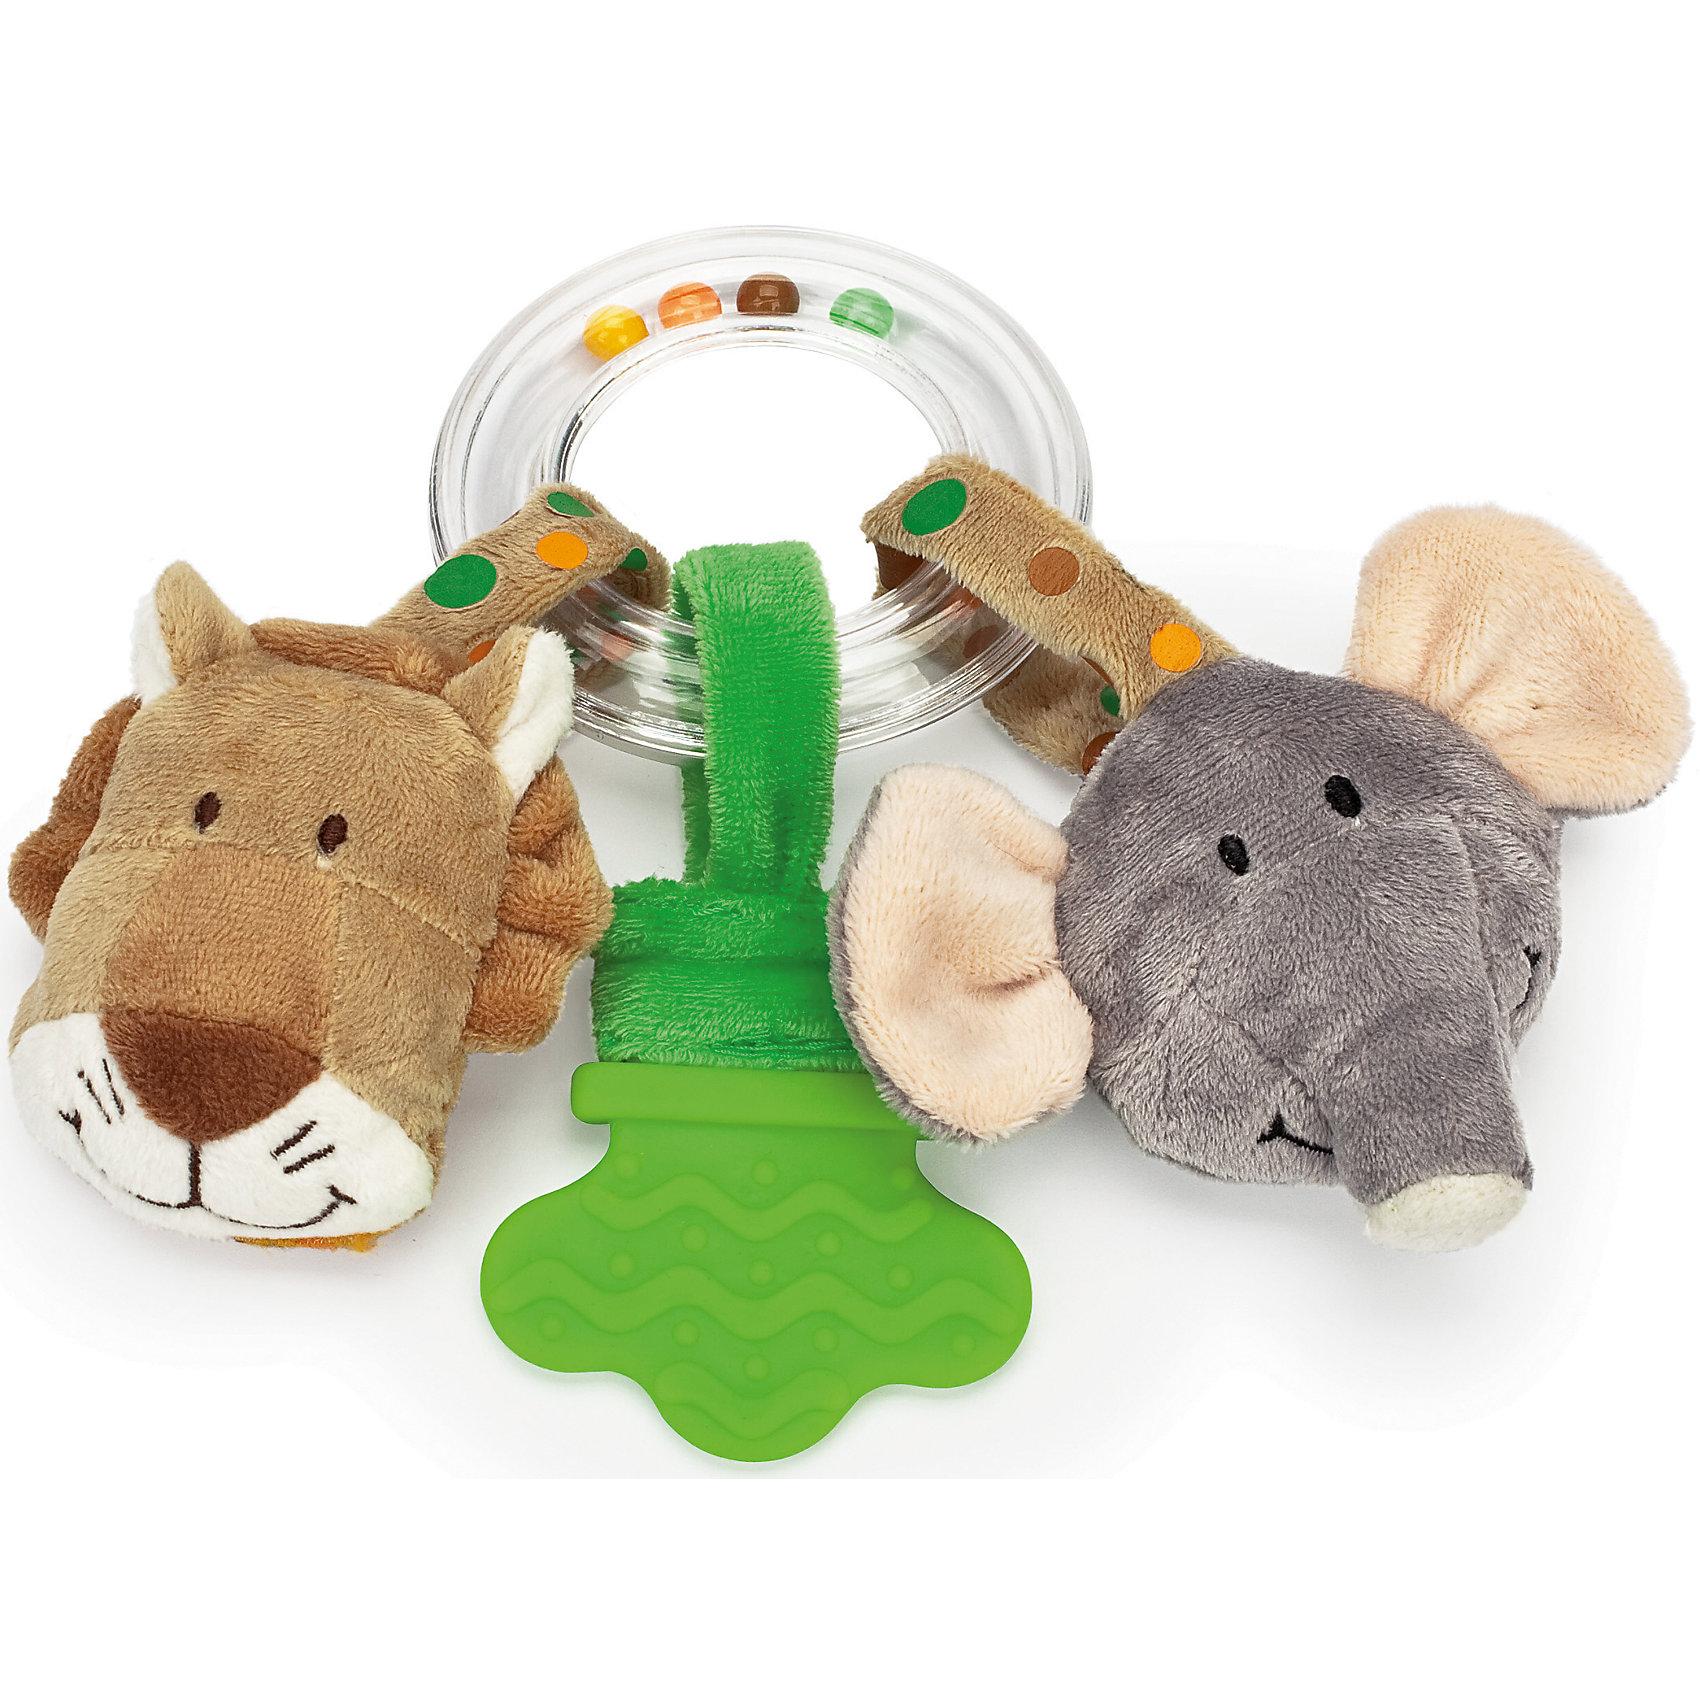 Погремушка-прорезывательСлон и Лев, ДинглисарХарактеристики прорезывателя-кольца с погремушкой Teddykompaniet: <br><br>• тип игрушки: прорезыватель-кольцо с погремушкой;<br>• размер: 17 см;<br>• материал: 100% хлопок (безворсовый велюр), пластик;<br>• серия: Динглисар.<br><br>Прозрачное кольцо заполнено разноцветными шариками, которые создают мелодичный перезвон при встряхивании погремушки. <br>Прорезыватель помогает малышу массажировать воспаленные десны на этапе прорезывания зубов. Прорезыватель имеет рельефную поверхность. <br>Мягкие игрушки с мордочками животных, которые ласково улыбаются малышу, выполнены из гипоаллергенного материала, приятного на ощупь. <br><br>Погремушку-прорезыватель Слон и Лев, Динглисар можно купить в нашем интернет-магазине.<br><br>Ширина мм: 100<br>Глубина мм: 50<br>Высота мм: 100<br>Вес г: 100<br>Возраст от месяцев: 0<br>Возраст до месяцев: 12<br>Пол: Унисекс<br>Возраст: Детский<br>SKU: 5220842